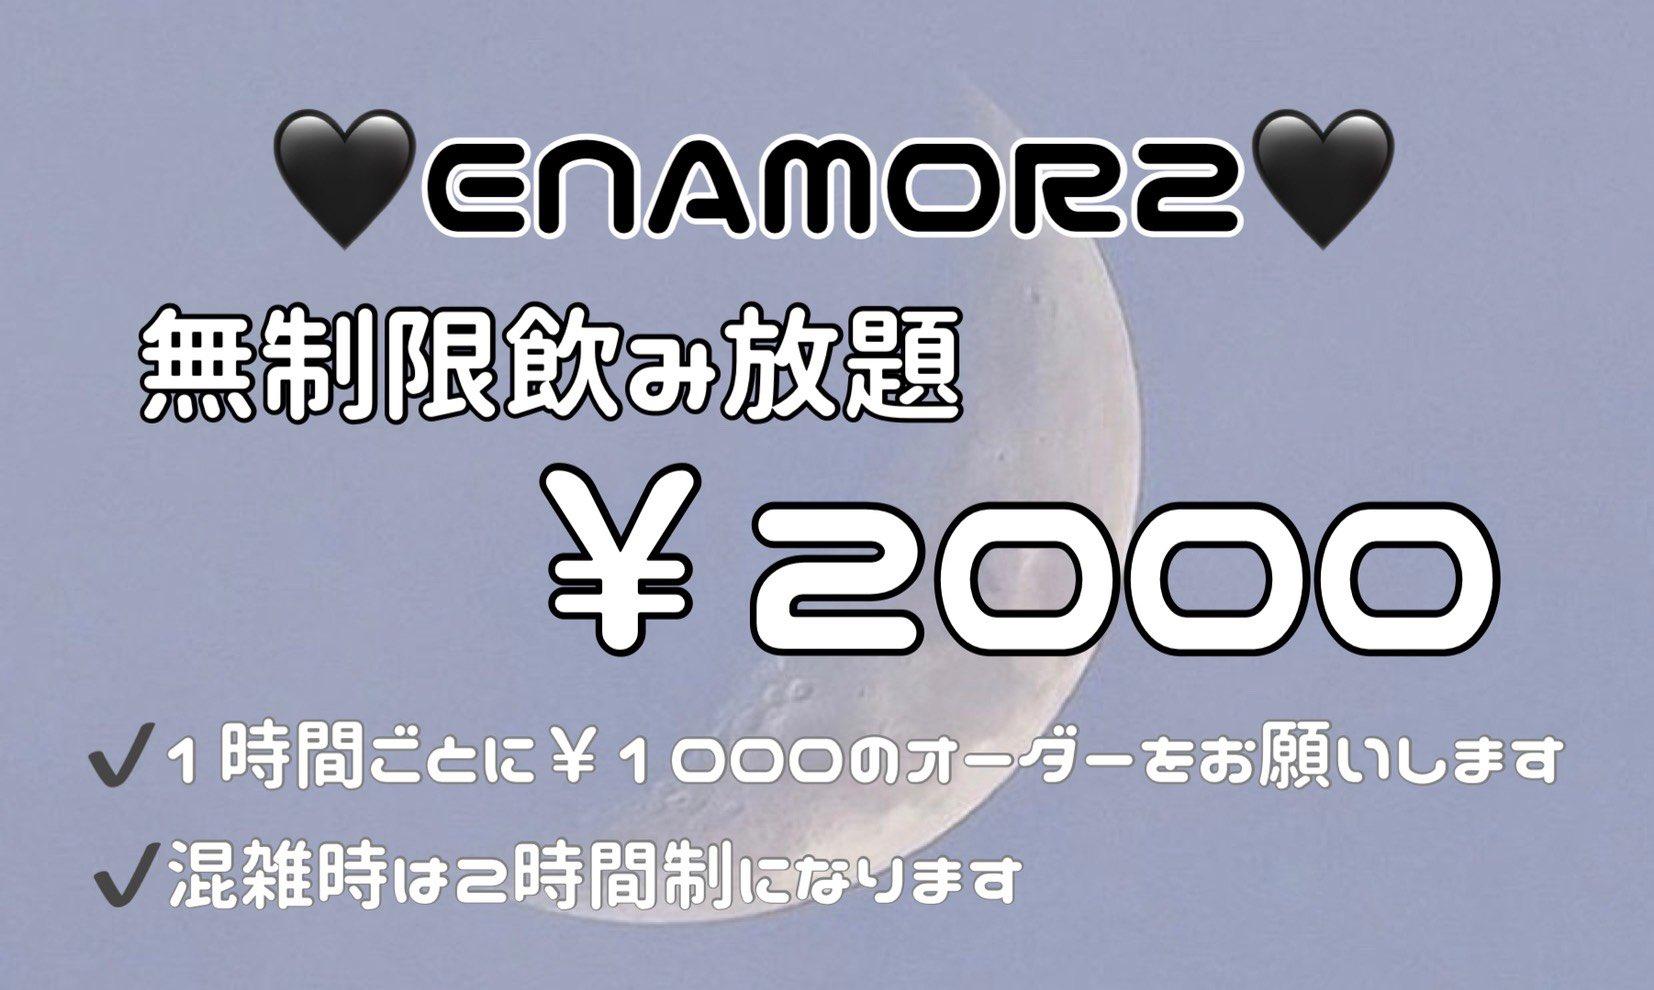 enamor2